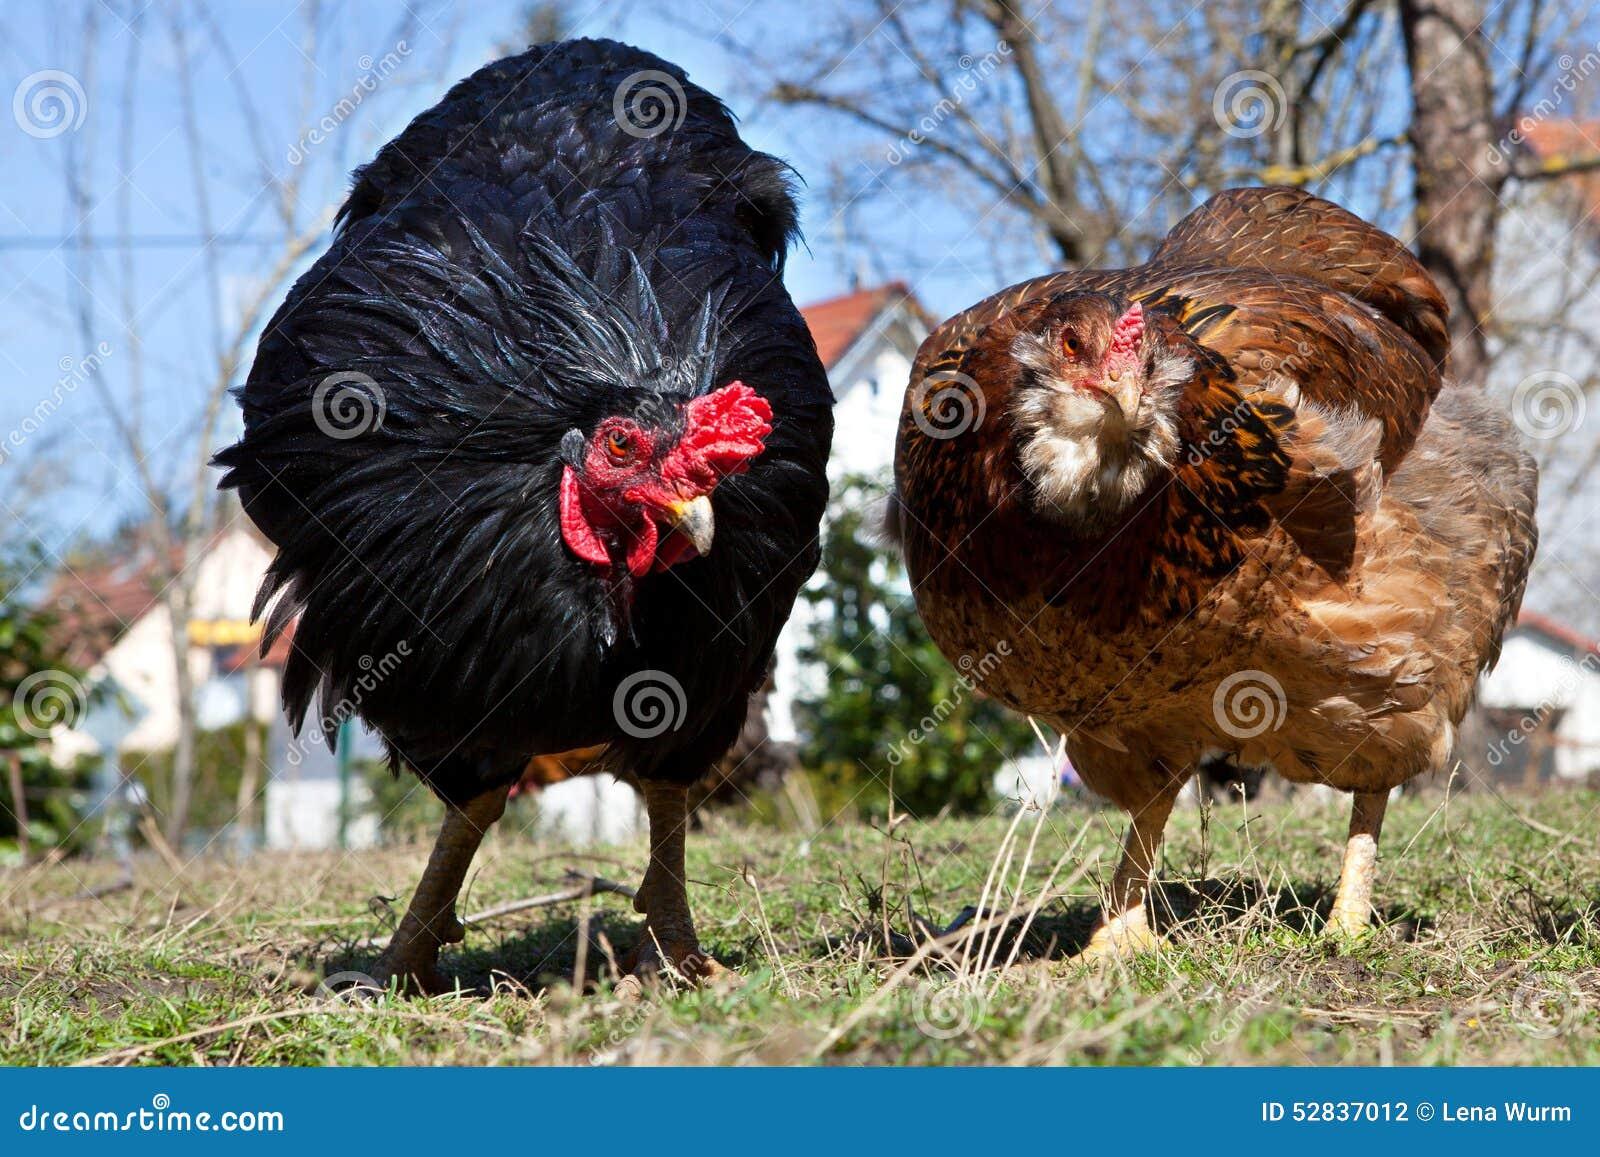 Deux Poules Gratuites De Gamme Dans Le Jardin Photo Stock Image Du